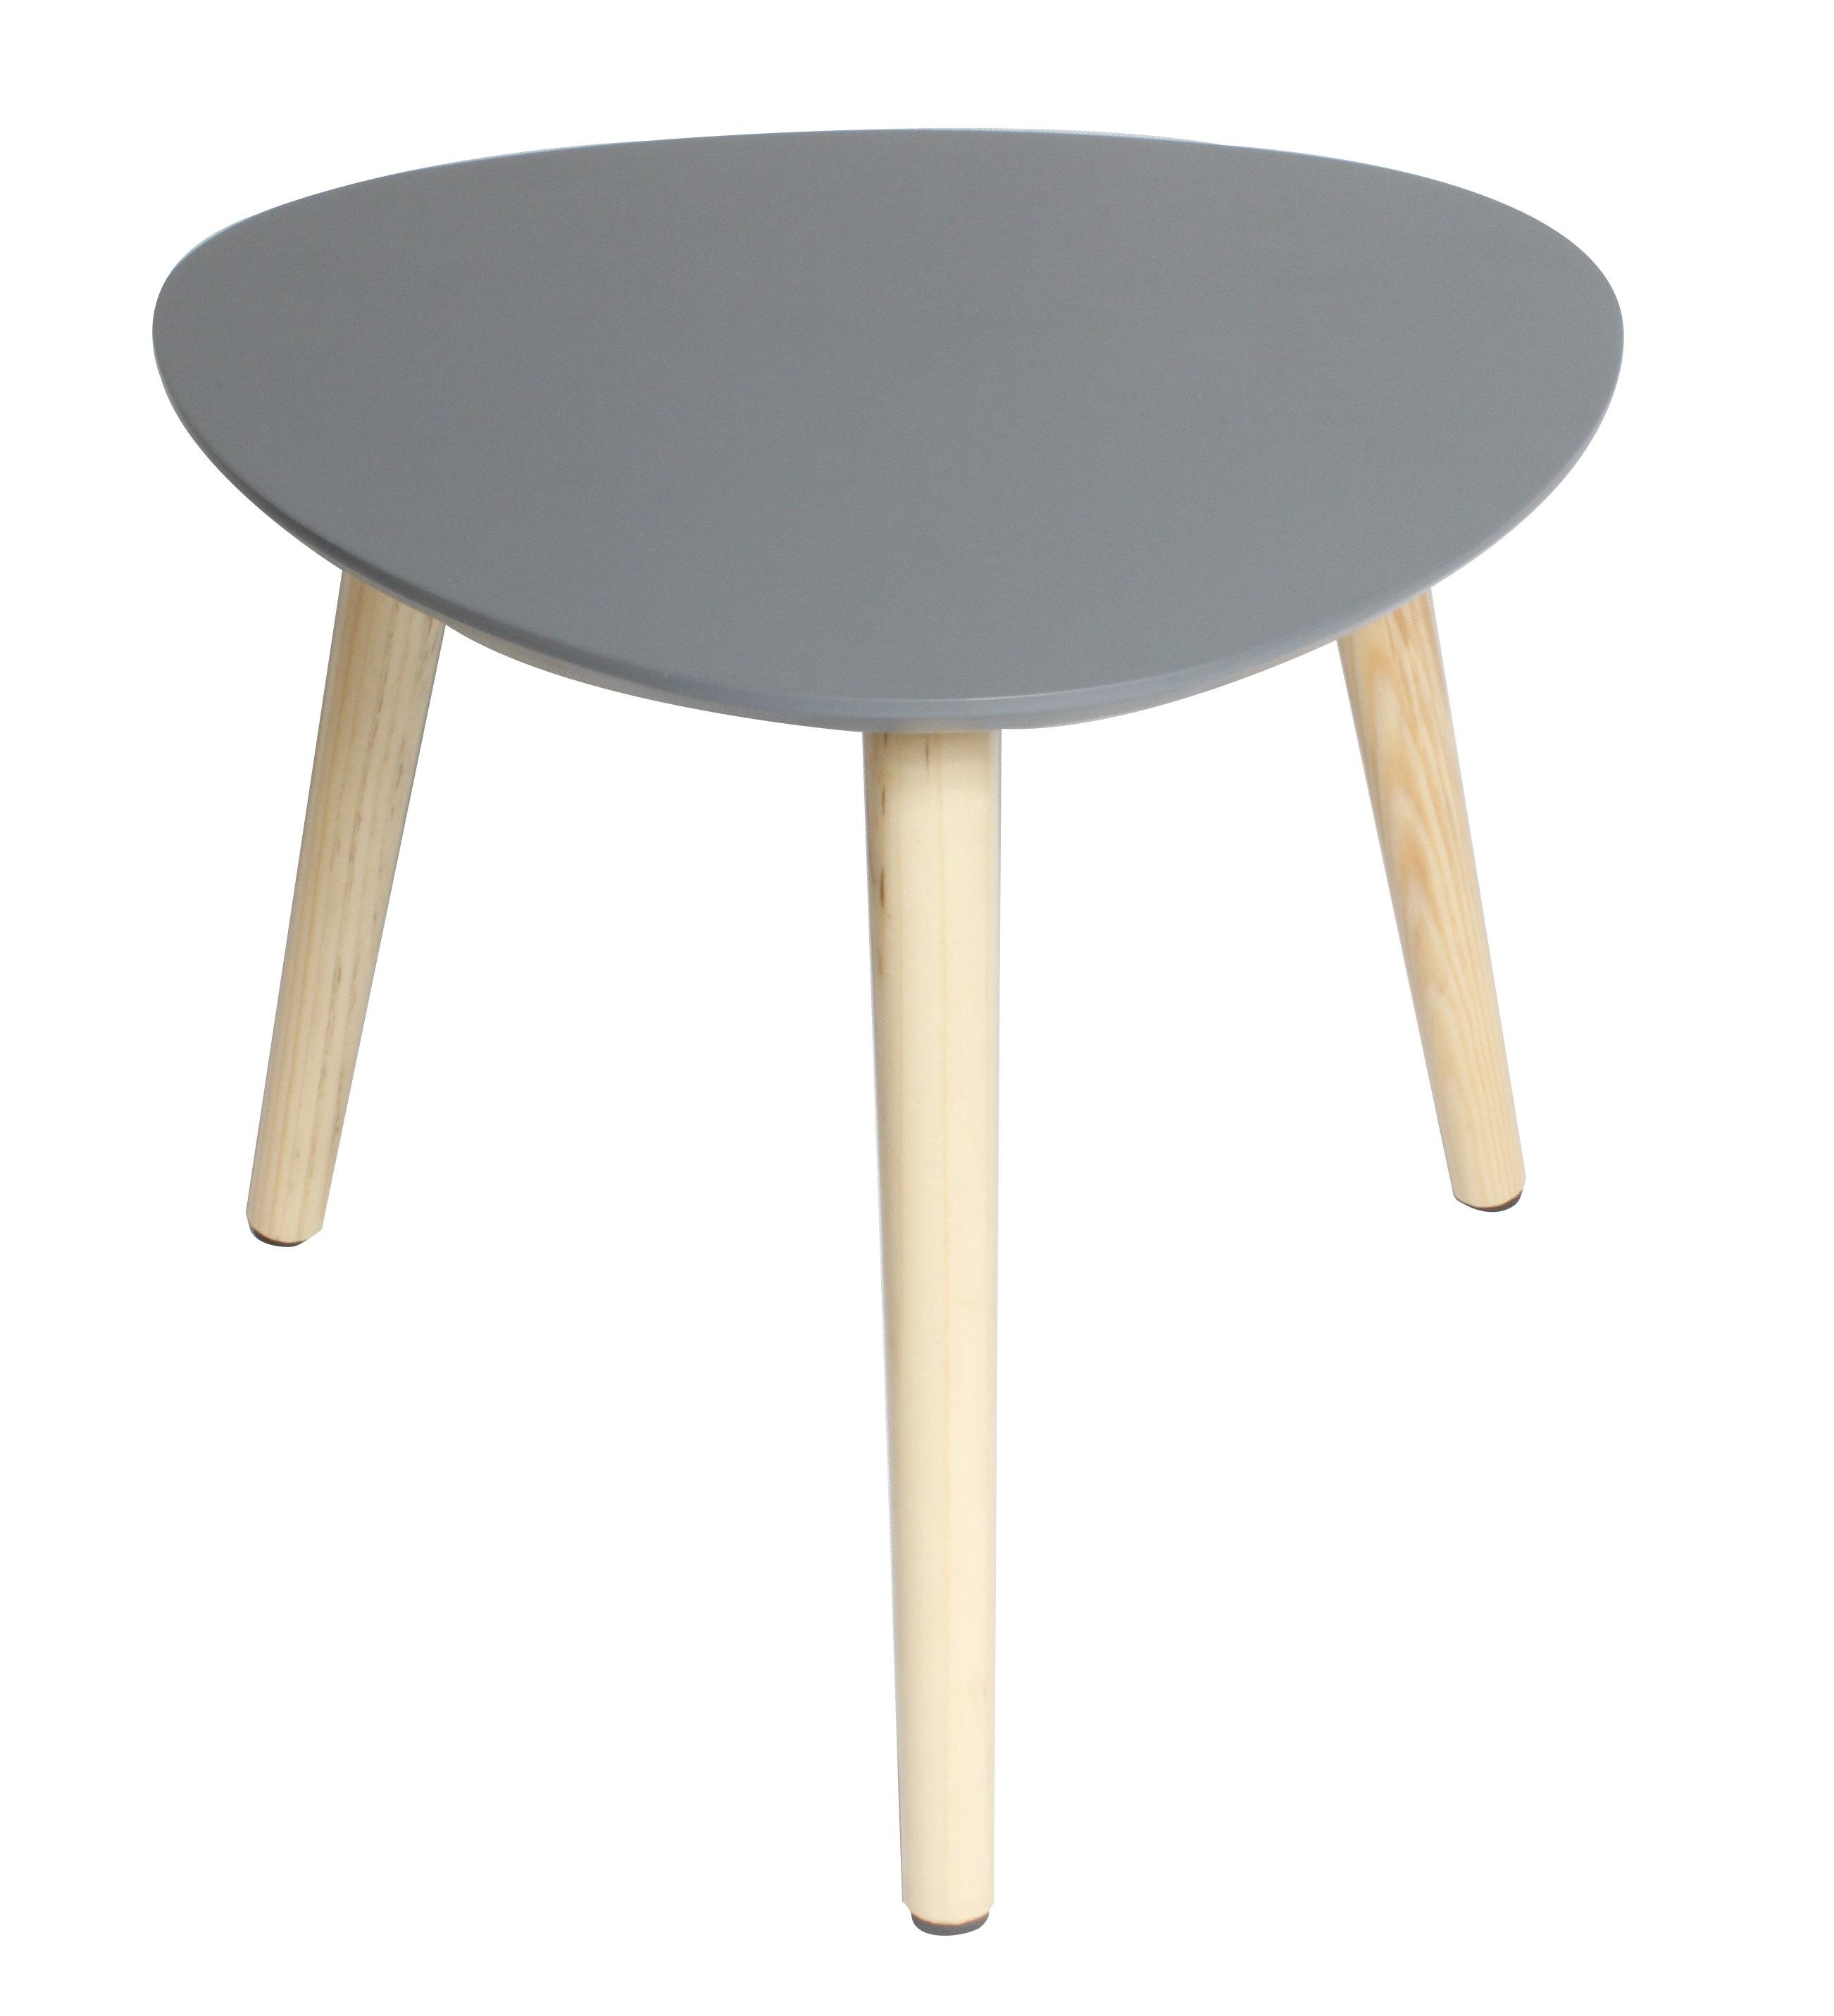 Beistelltisch grau sofatisch wohnzimmertisch tisch for Wohnzimmertisch esstisch